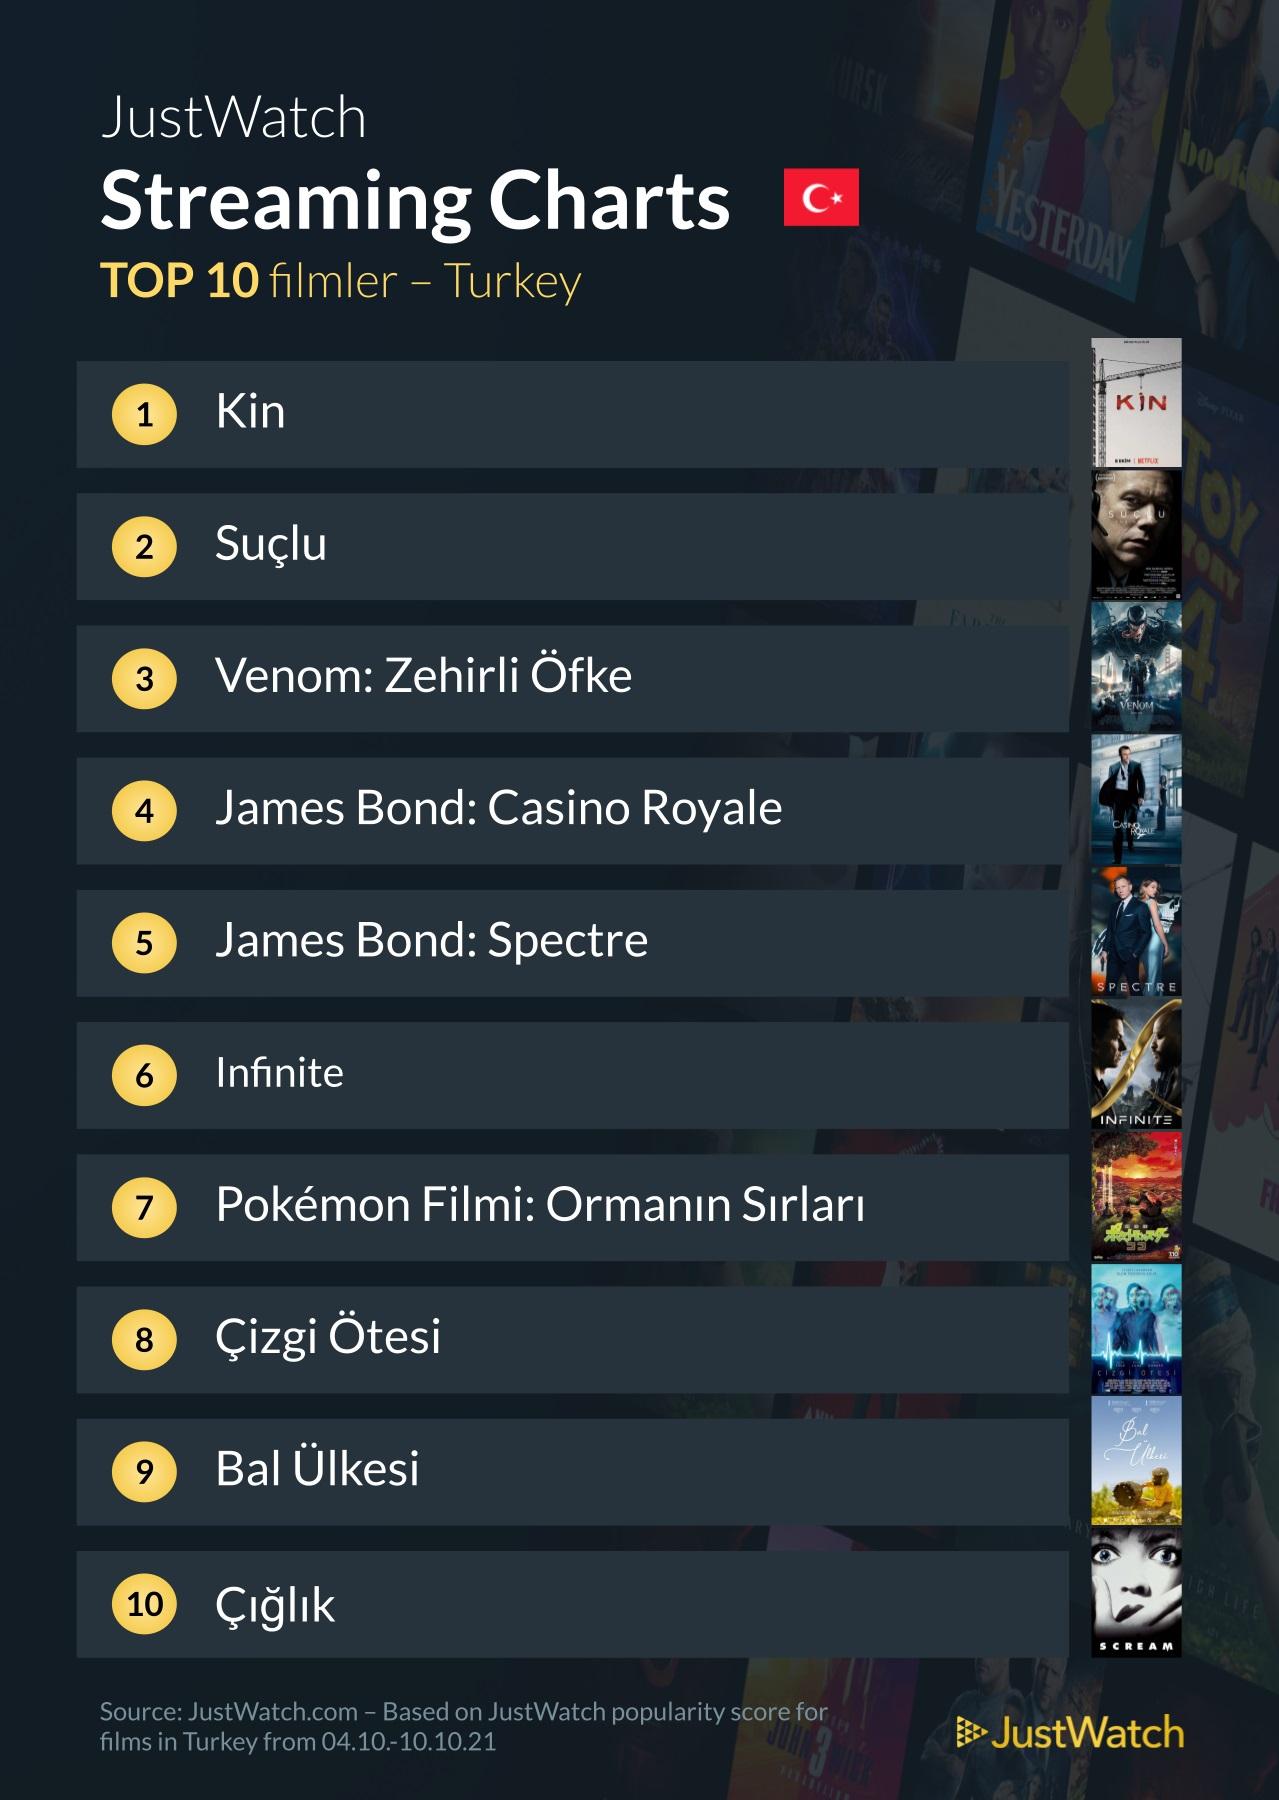 Türkiye'de en çok izlenen filmler